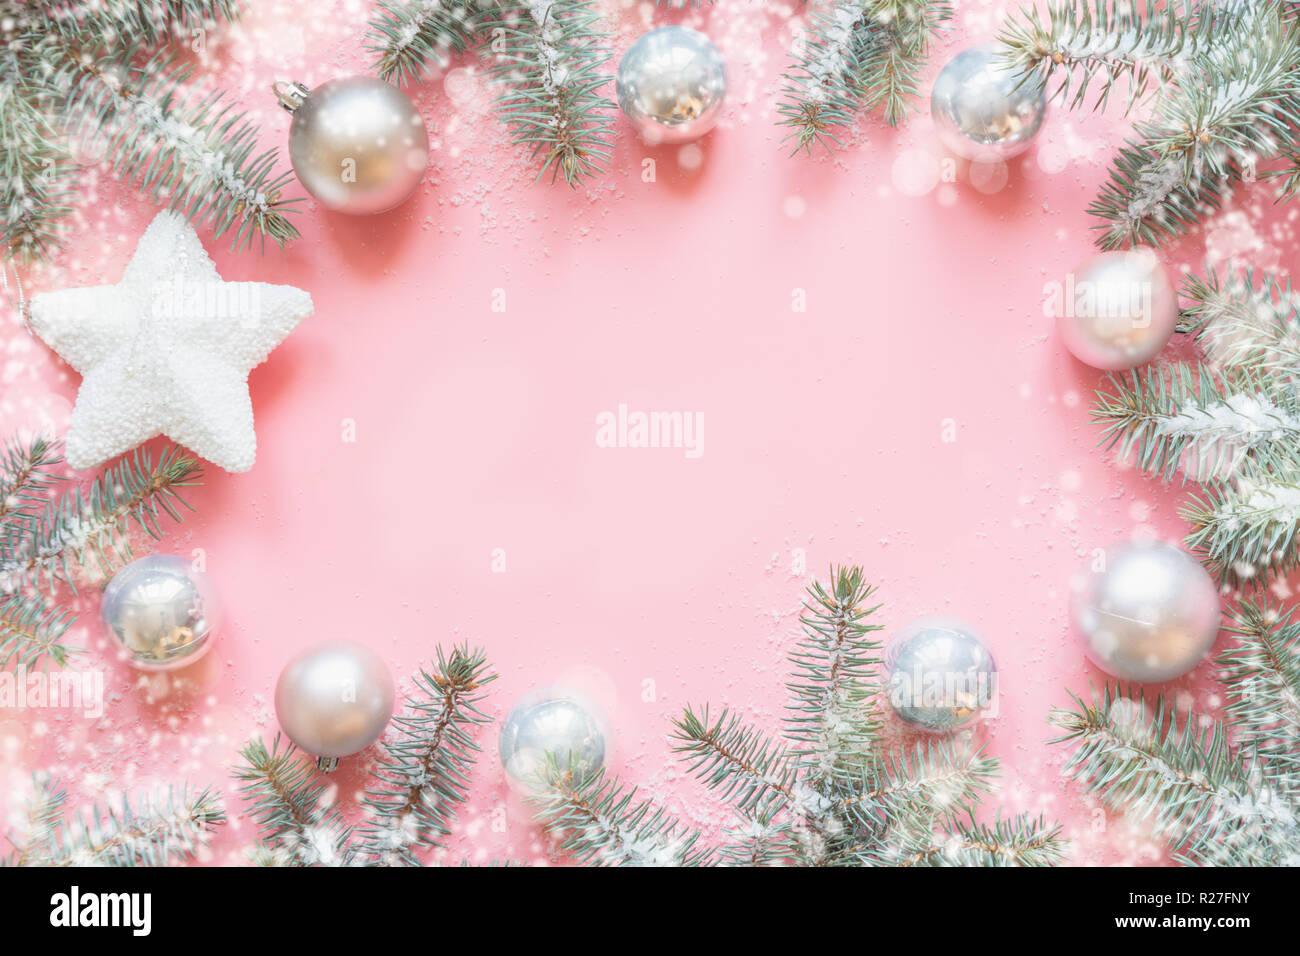 Hintergrund Weihnachten.Weihnachten Rahmen Aus Tannenzweigen Snowy White